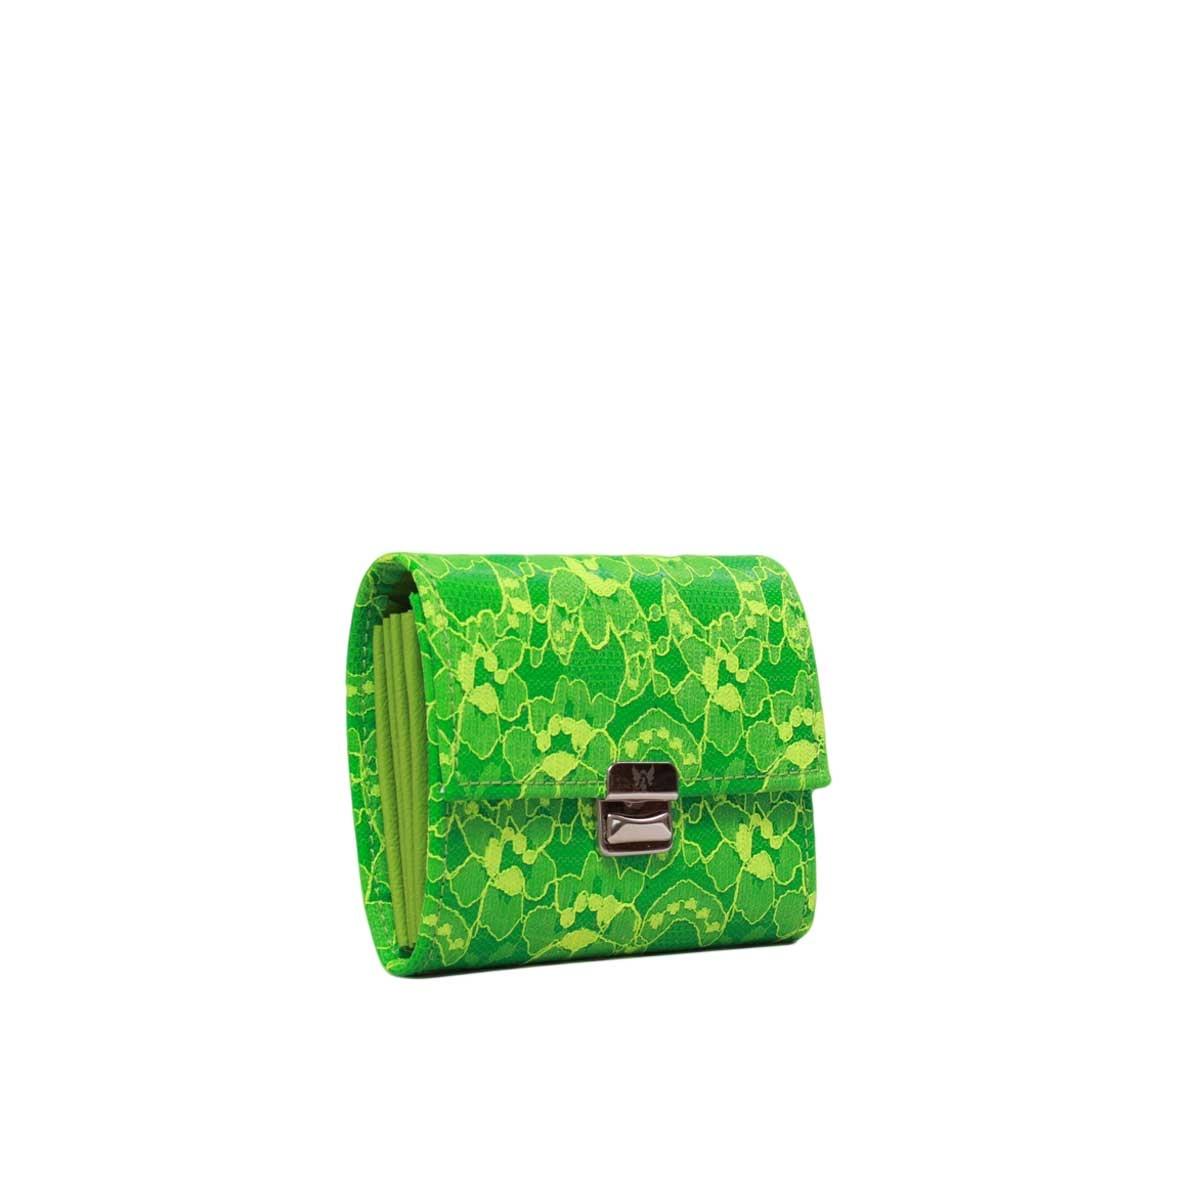 Kleine Damen Geldbörse Spitze Neon Grün S